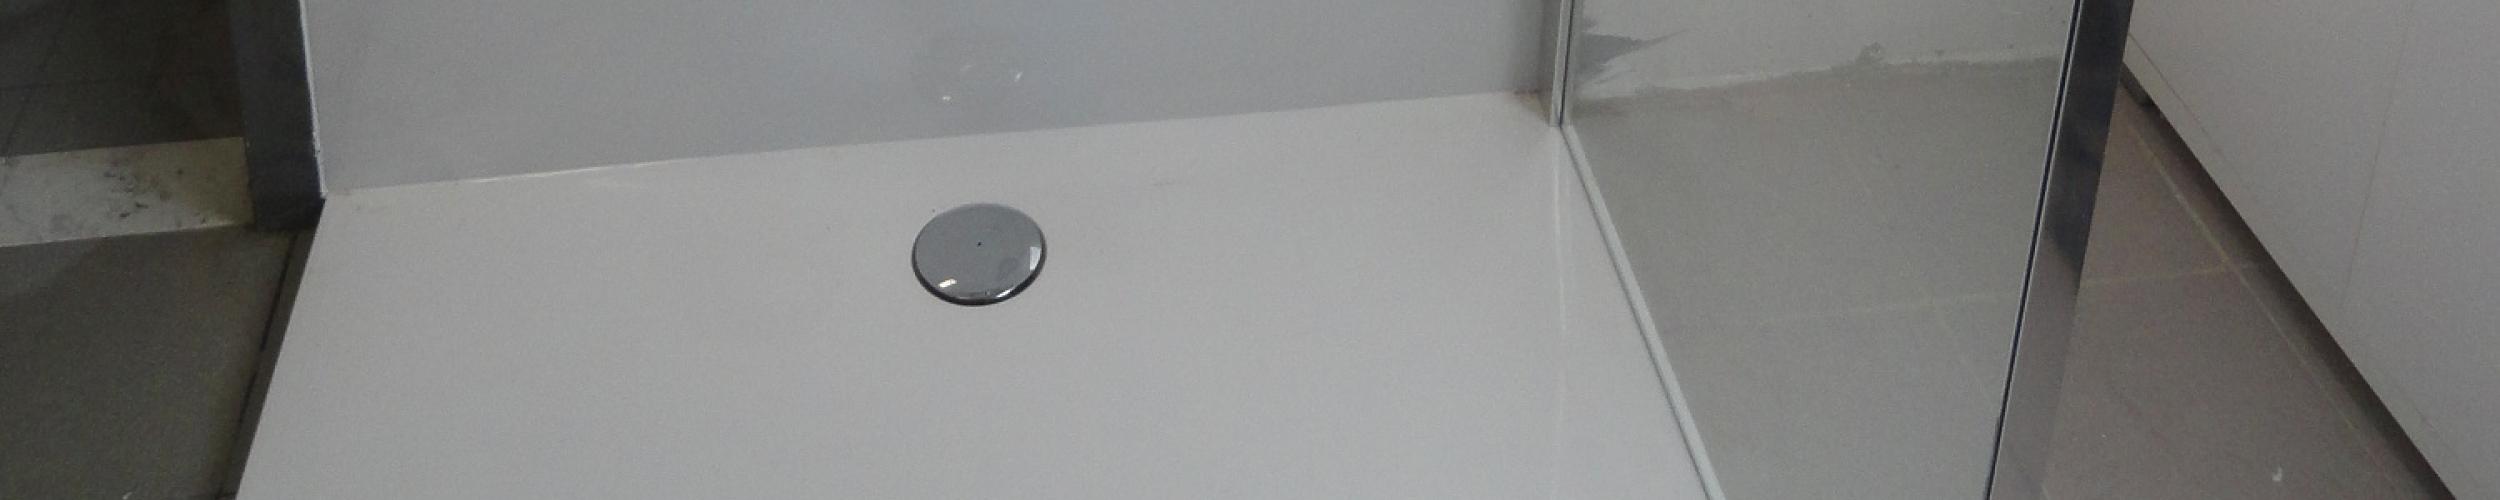 Douche zonder drempels